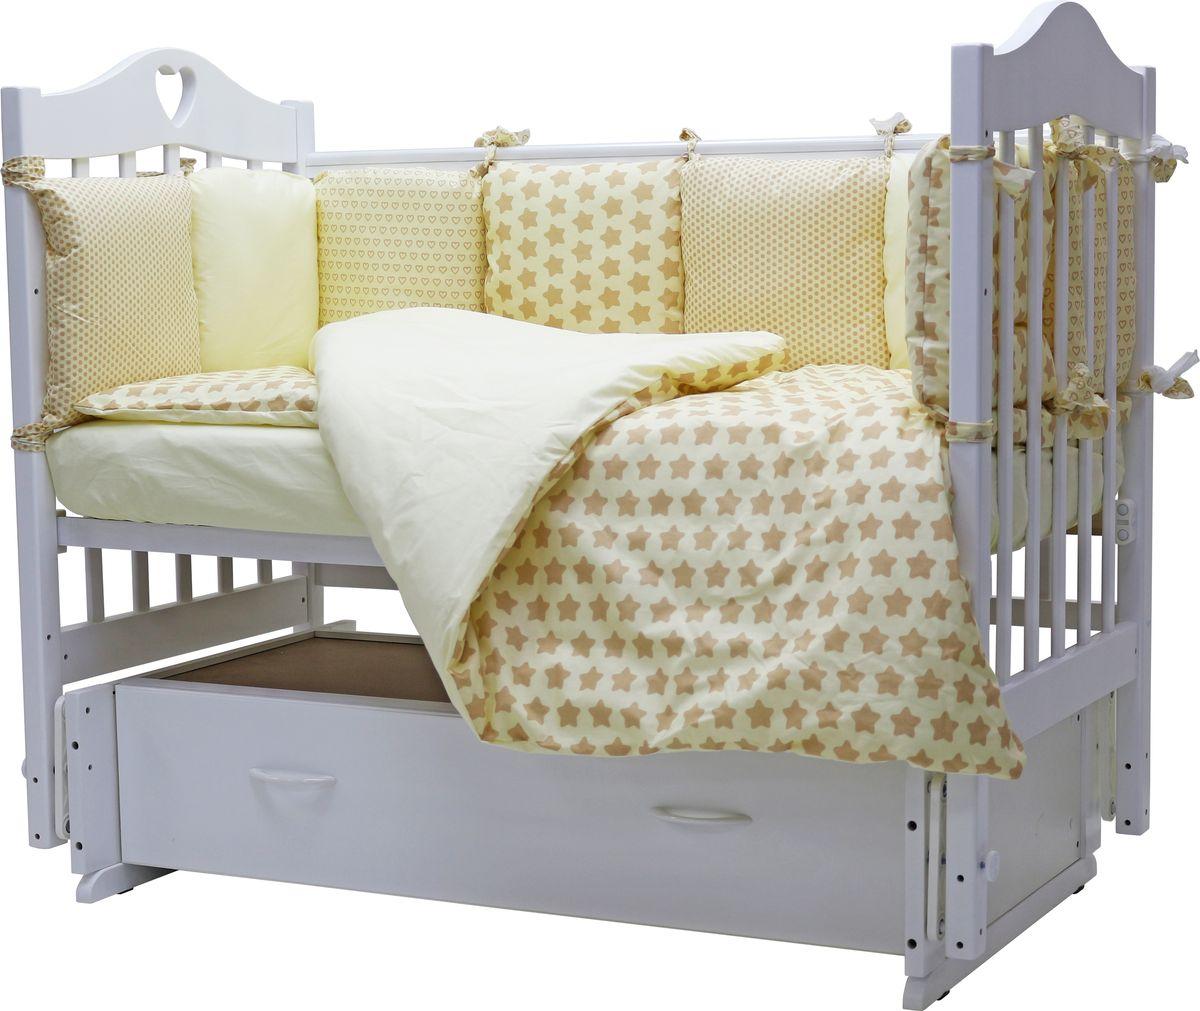 Топотушки Комплект детского постельного белья 12 месяцев цвет желтый 6 предметов4650070989161Комплект детского постельного белья Топотушки 12 месяцев включает все необходимые элементы для детской кроватки. Комплект создает для вашего ребенка уют, комфорт и безопасную среду с рождения; современный дизайн и цветовые сочетания помогают ребенку адаптироваться в новом для него мире. Комплект Топотушки 12 месяцев хорошо вписывается в интерьер как детской комнаты, так и спальни родителей. Как и все изделия, данный комплект отражает самые последние технологии, является безопасным для малыша. Преимущества: качество материала обеспечивает легкость стирки и долговечность; мягкий бортик защитит малыша от сквозняков и убережет от возможных ударов о бортики кроватки. Борт по всему периметру кроватки состоит из двенадцати частей, высота по периметру 30 см, изголовье 30 см. Наполнитель борта - холлофайбер. Одеяло абсолютно гипоаллергенно, воздушное и легкое, имеет хорошую теплоустойчивость. Легко стирается и не теряет свой объем. Подушка абсолютна гипоаллергенна, ее высота...